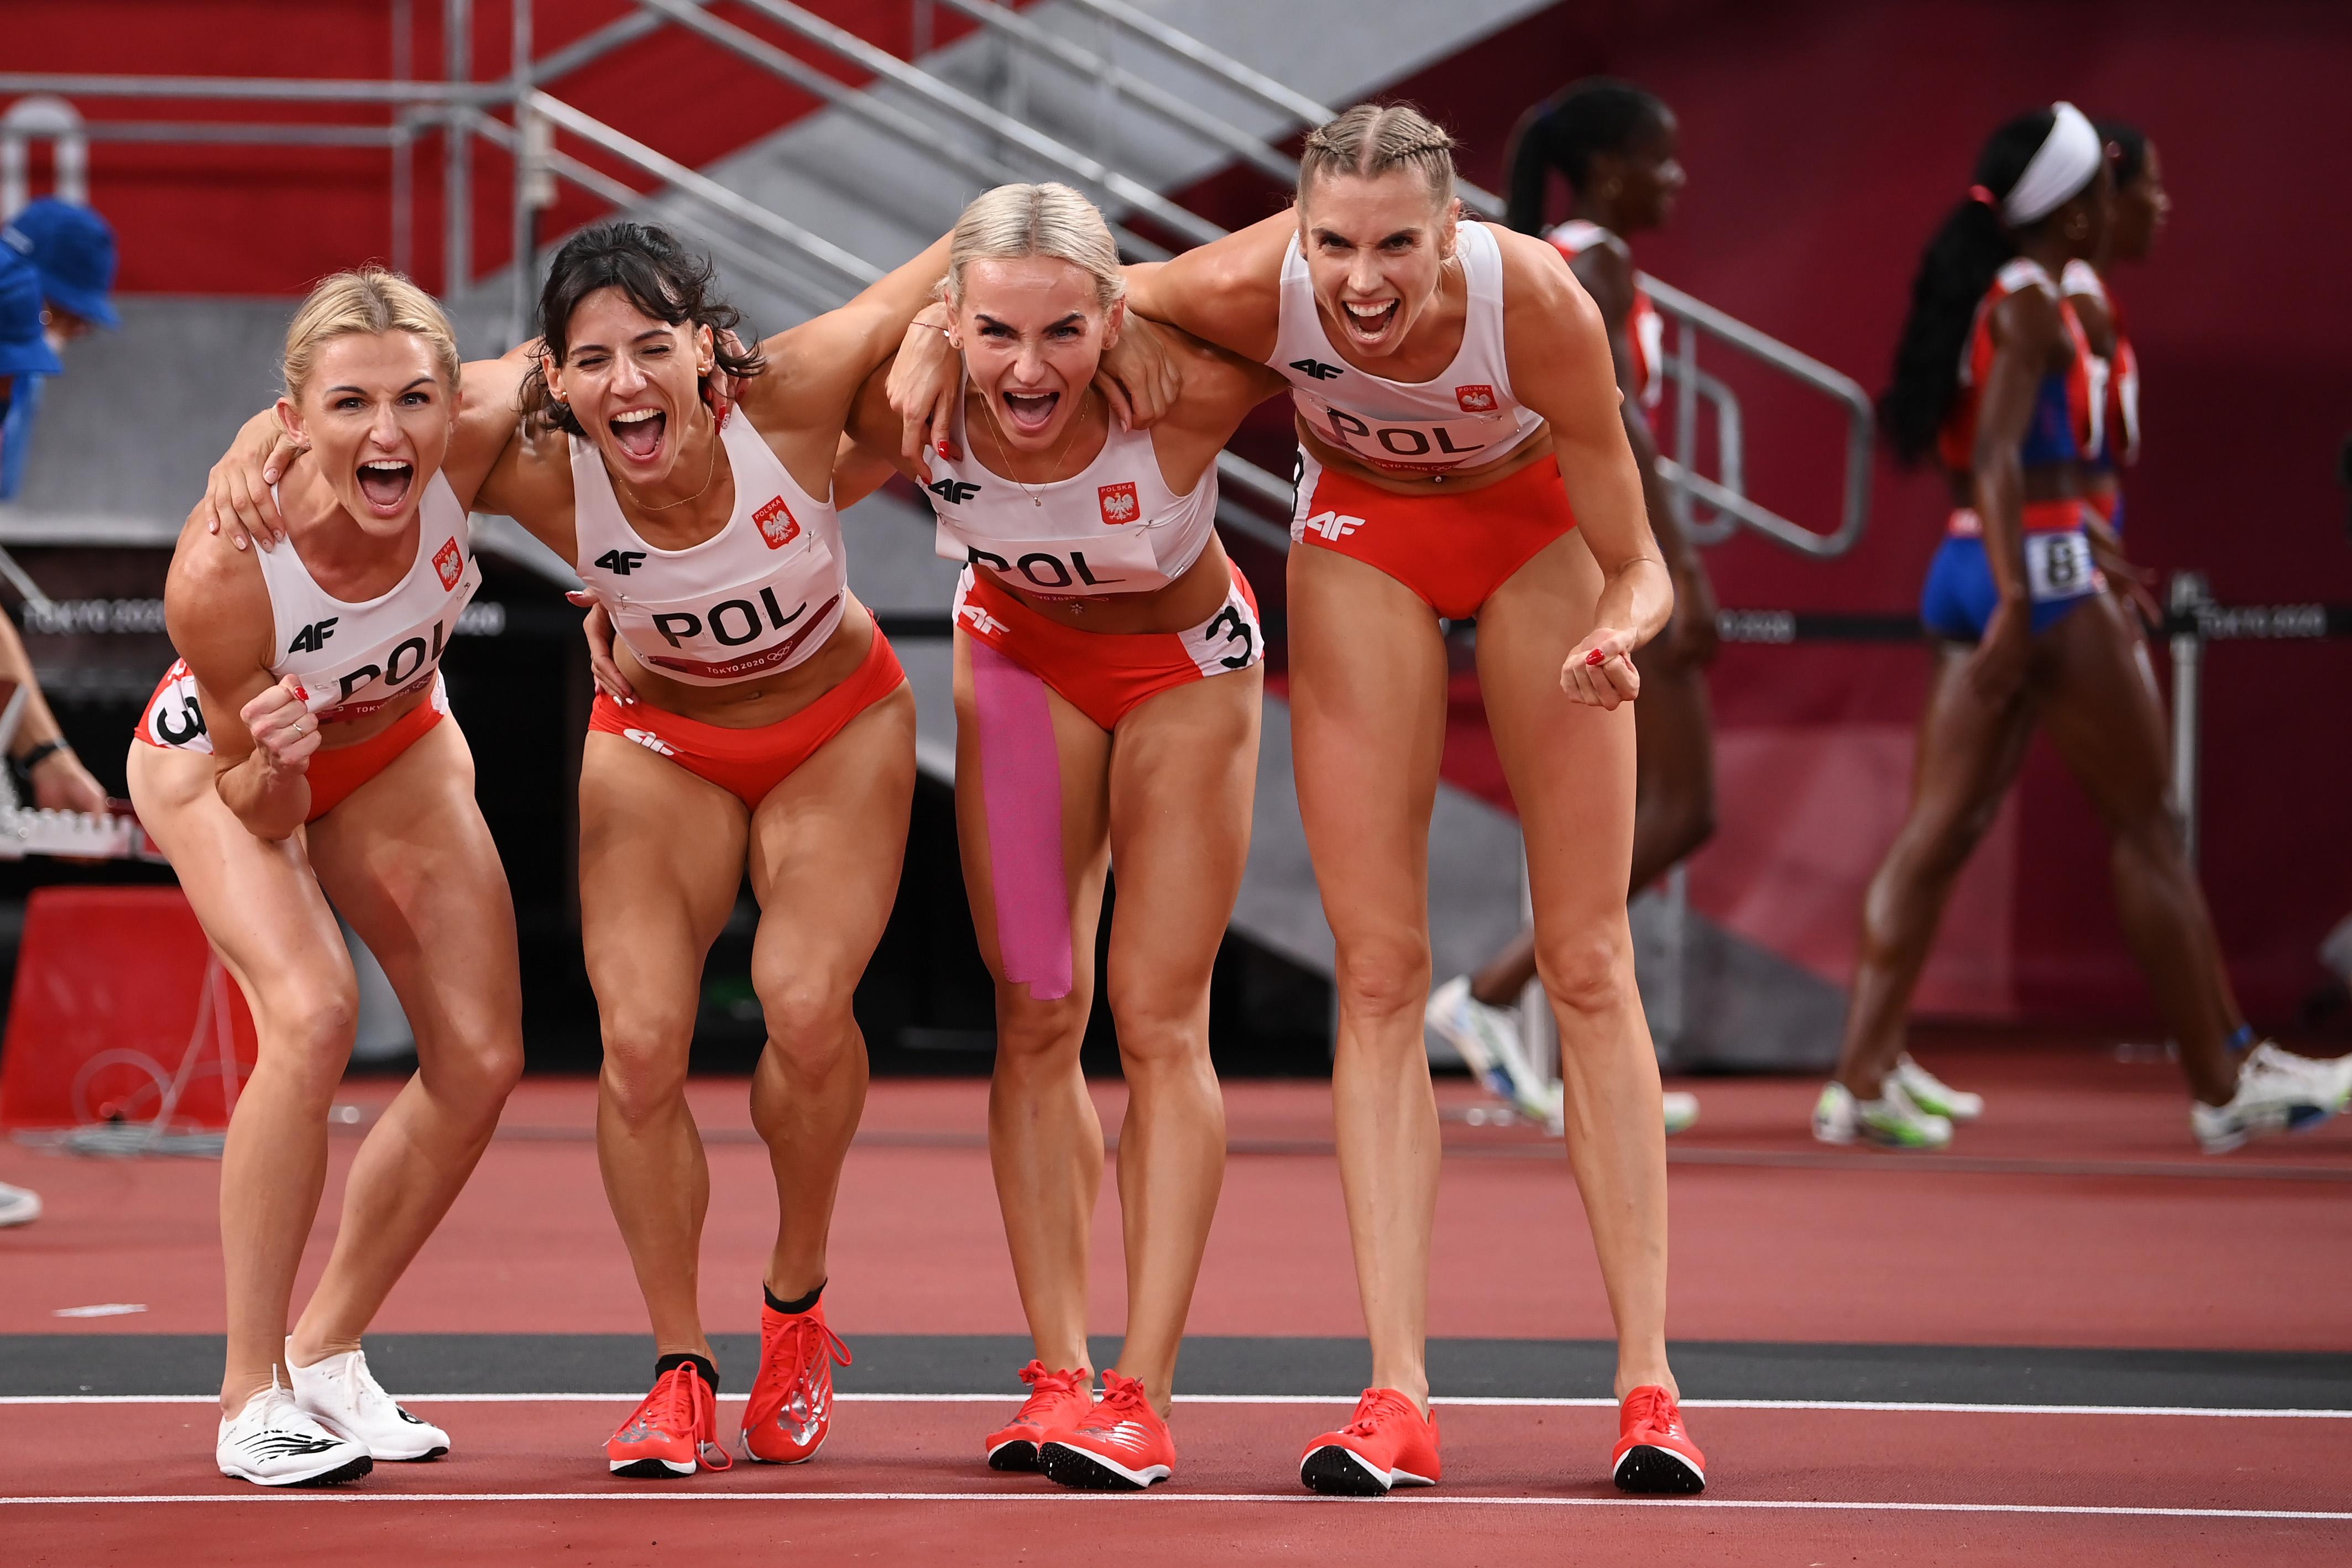 Igrzyska olimpijskie Tokio - Justyna Święty-Ersetic, Iga Baumgart-Witan, Małgorzata Hołub-Kowalik, Anna Kiełbasińska